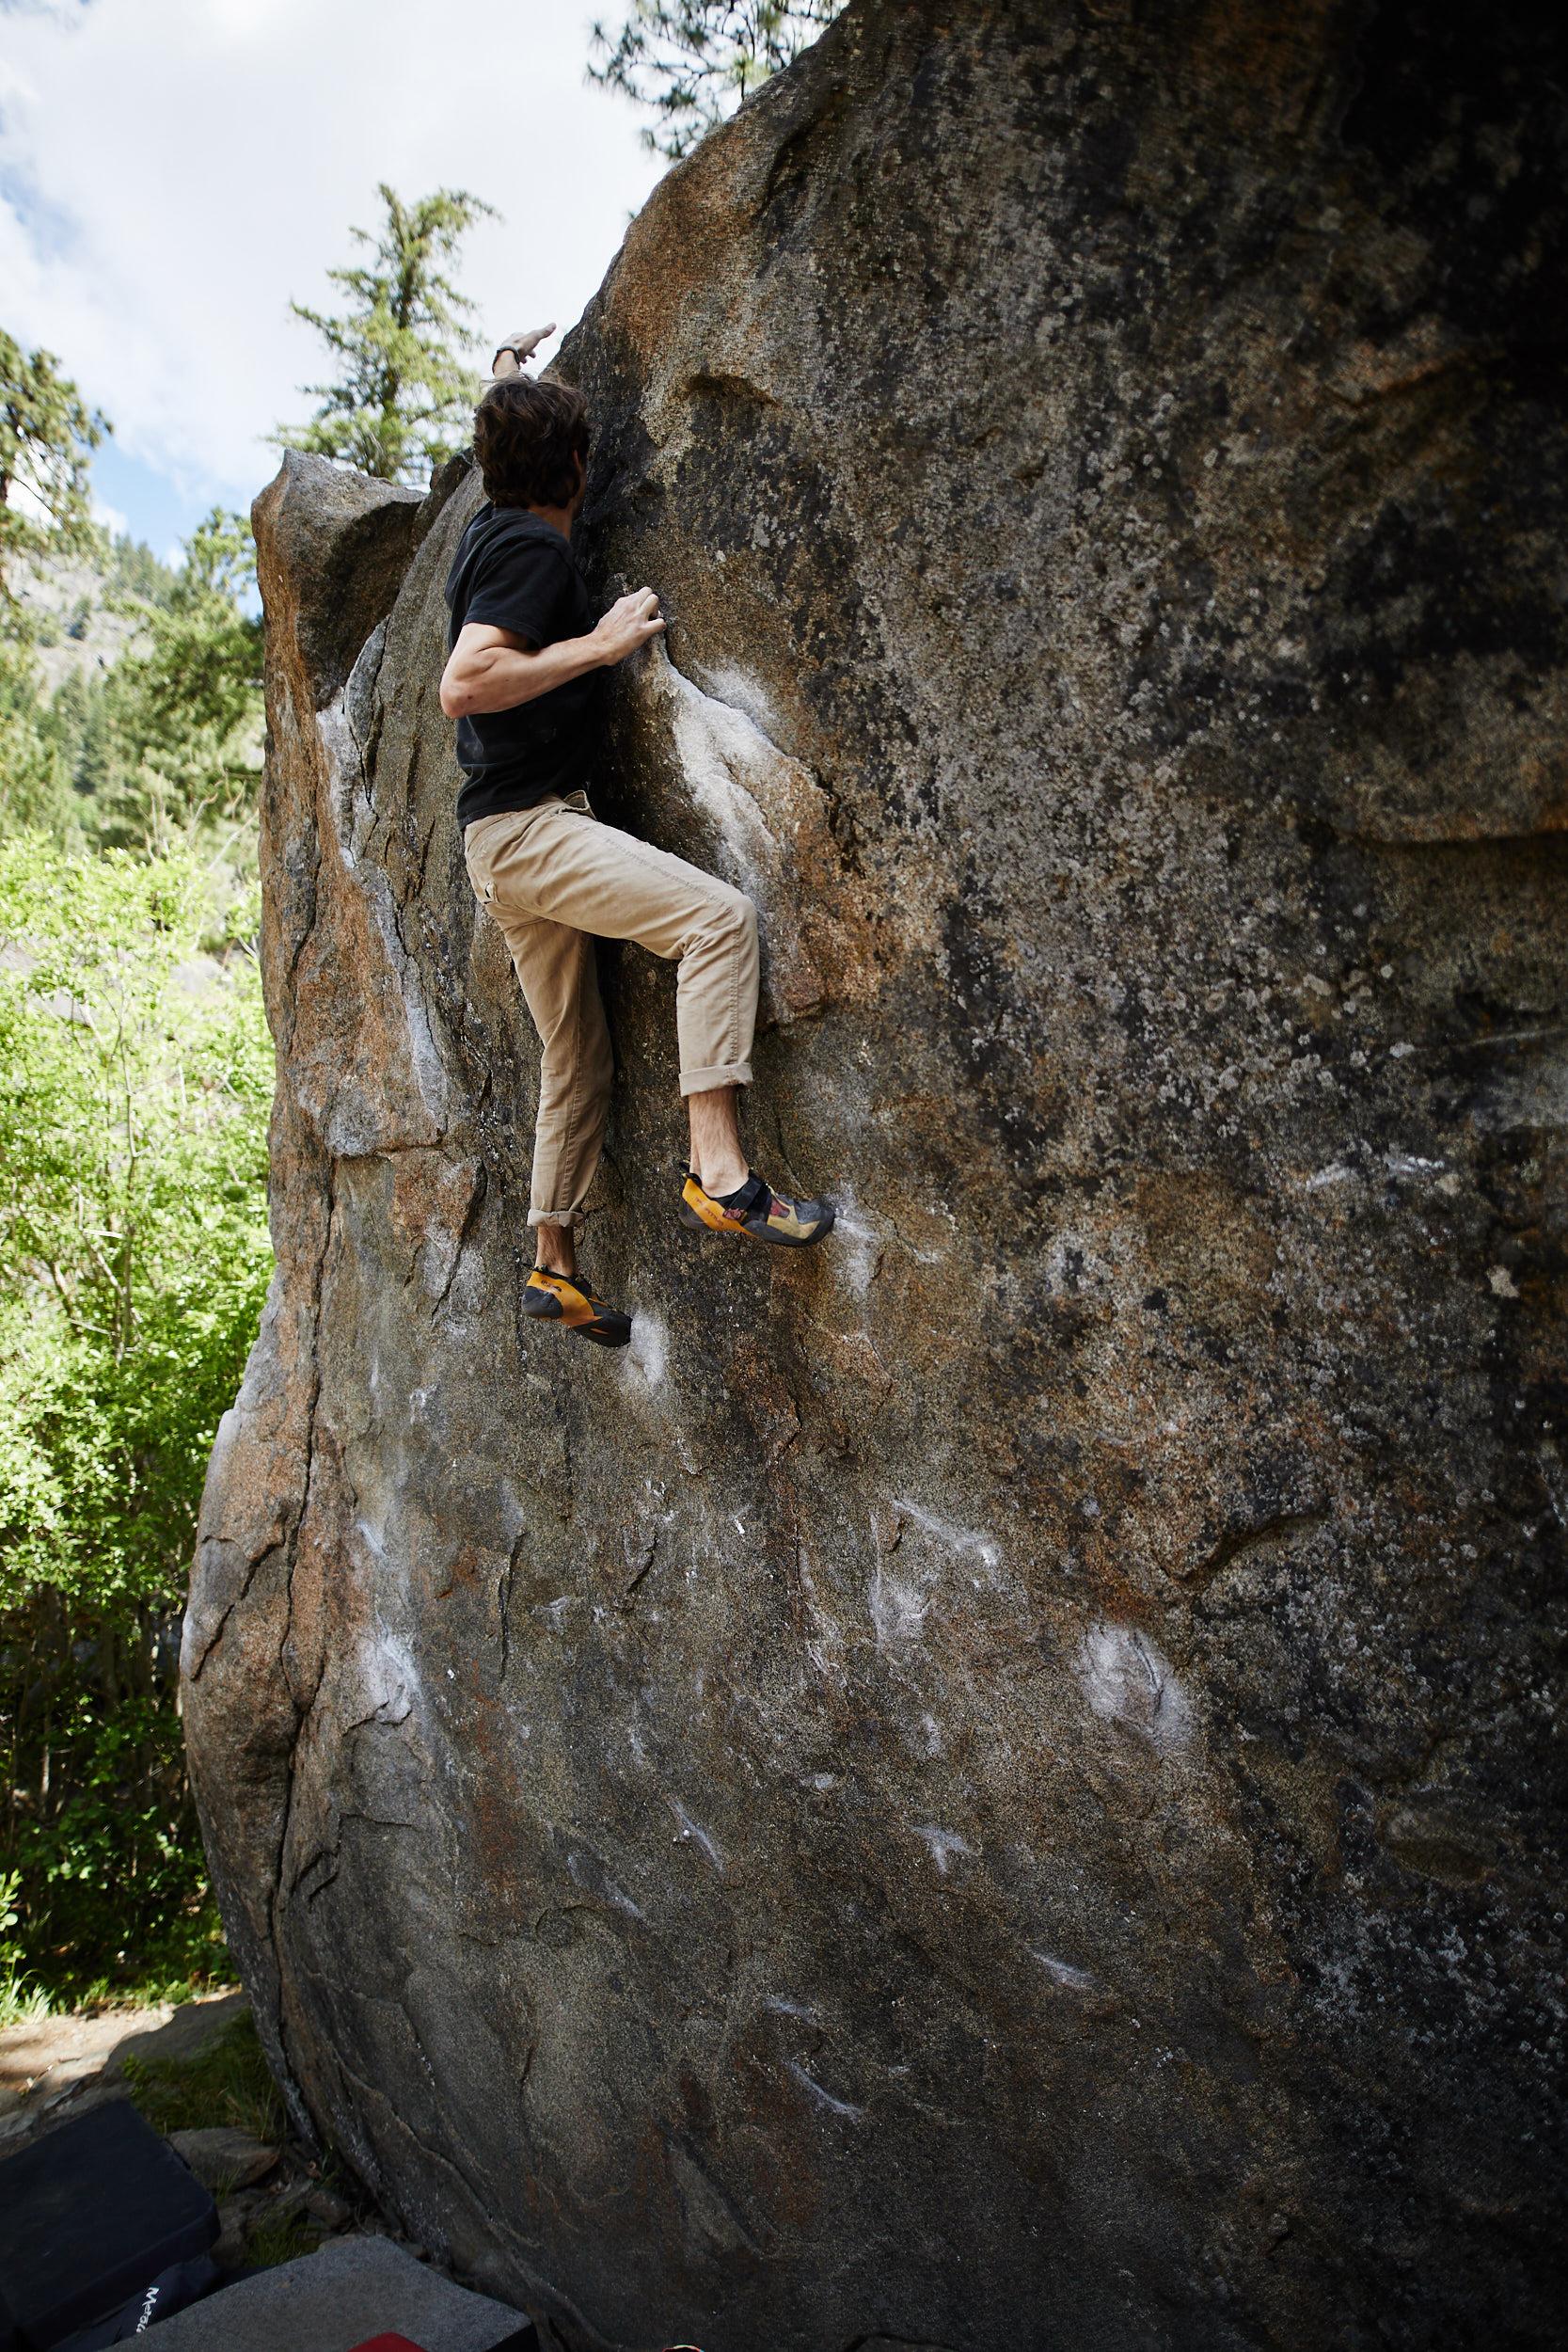 Bouldering in Leavenworth 26.jpg